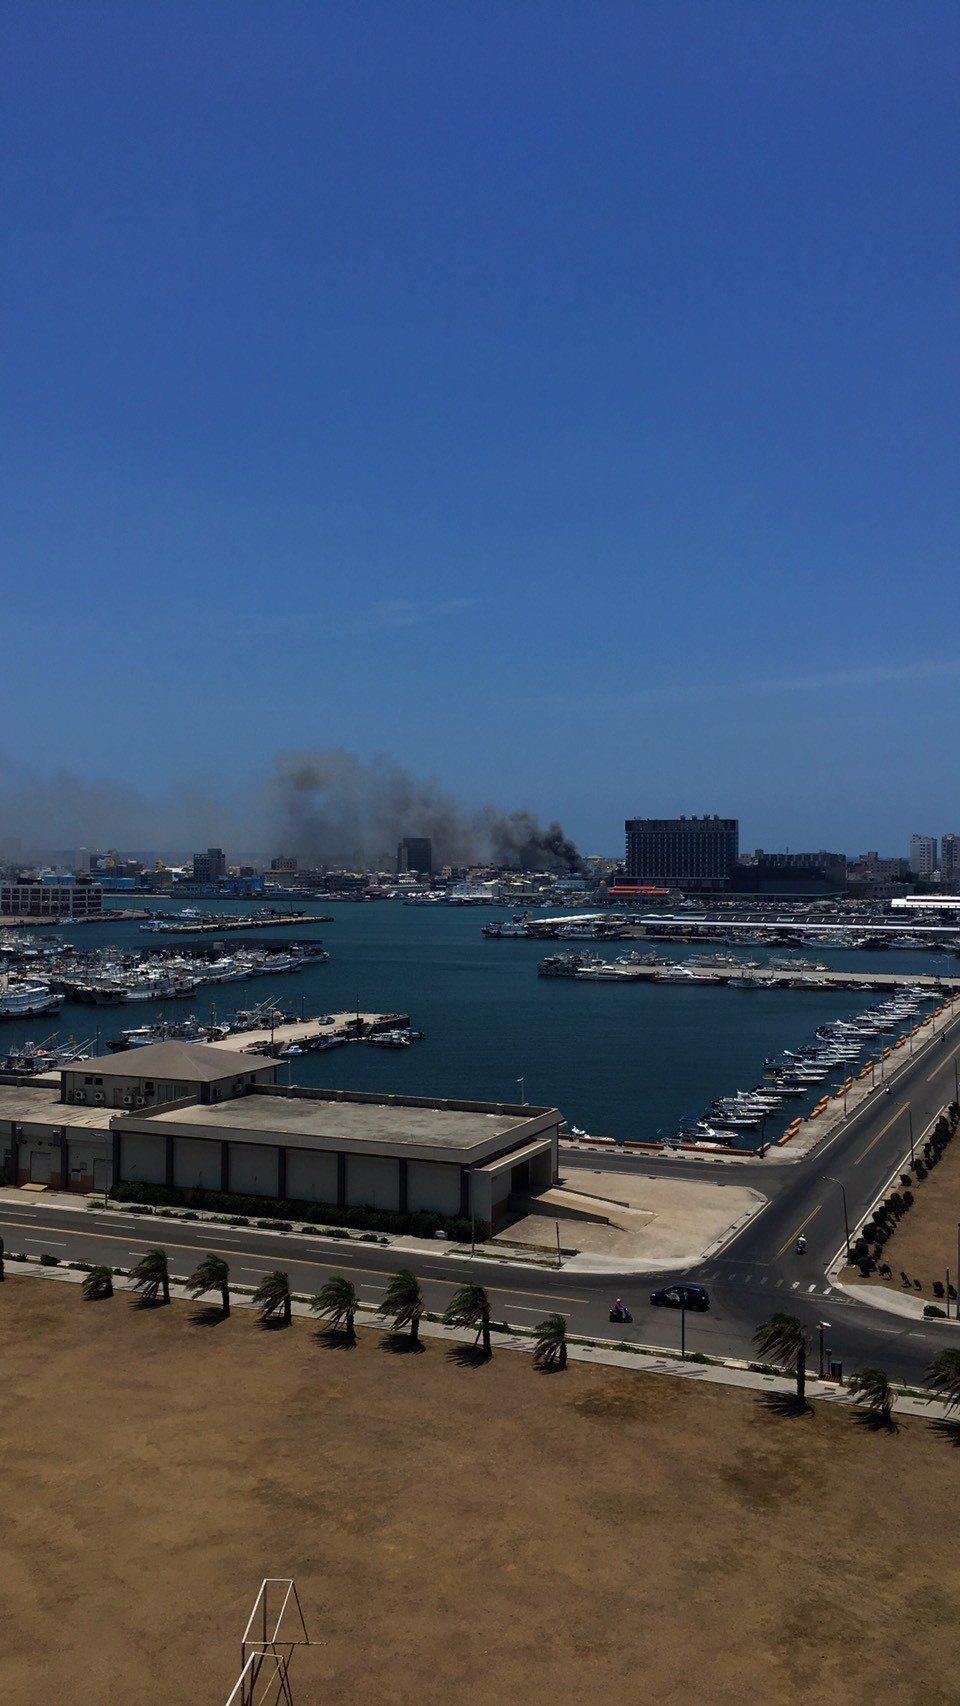 愛奇藝網劇「無主之城」來澎湖取景,卻發生大火。圖/讀者提供